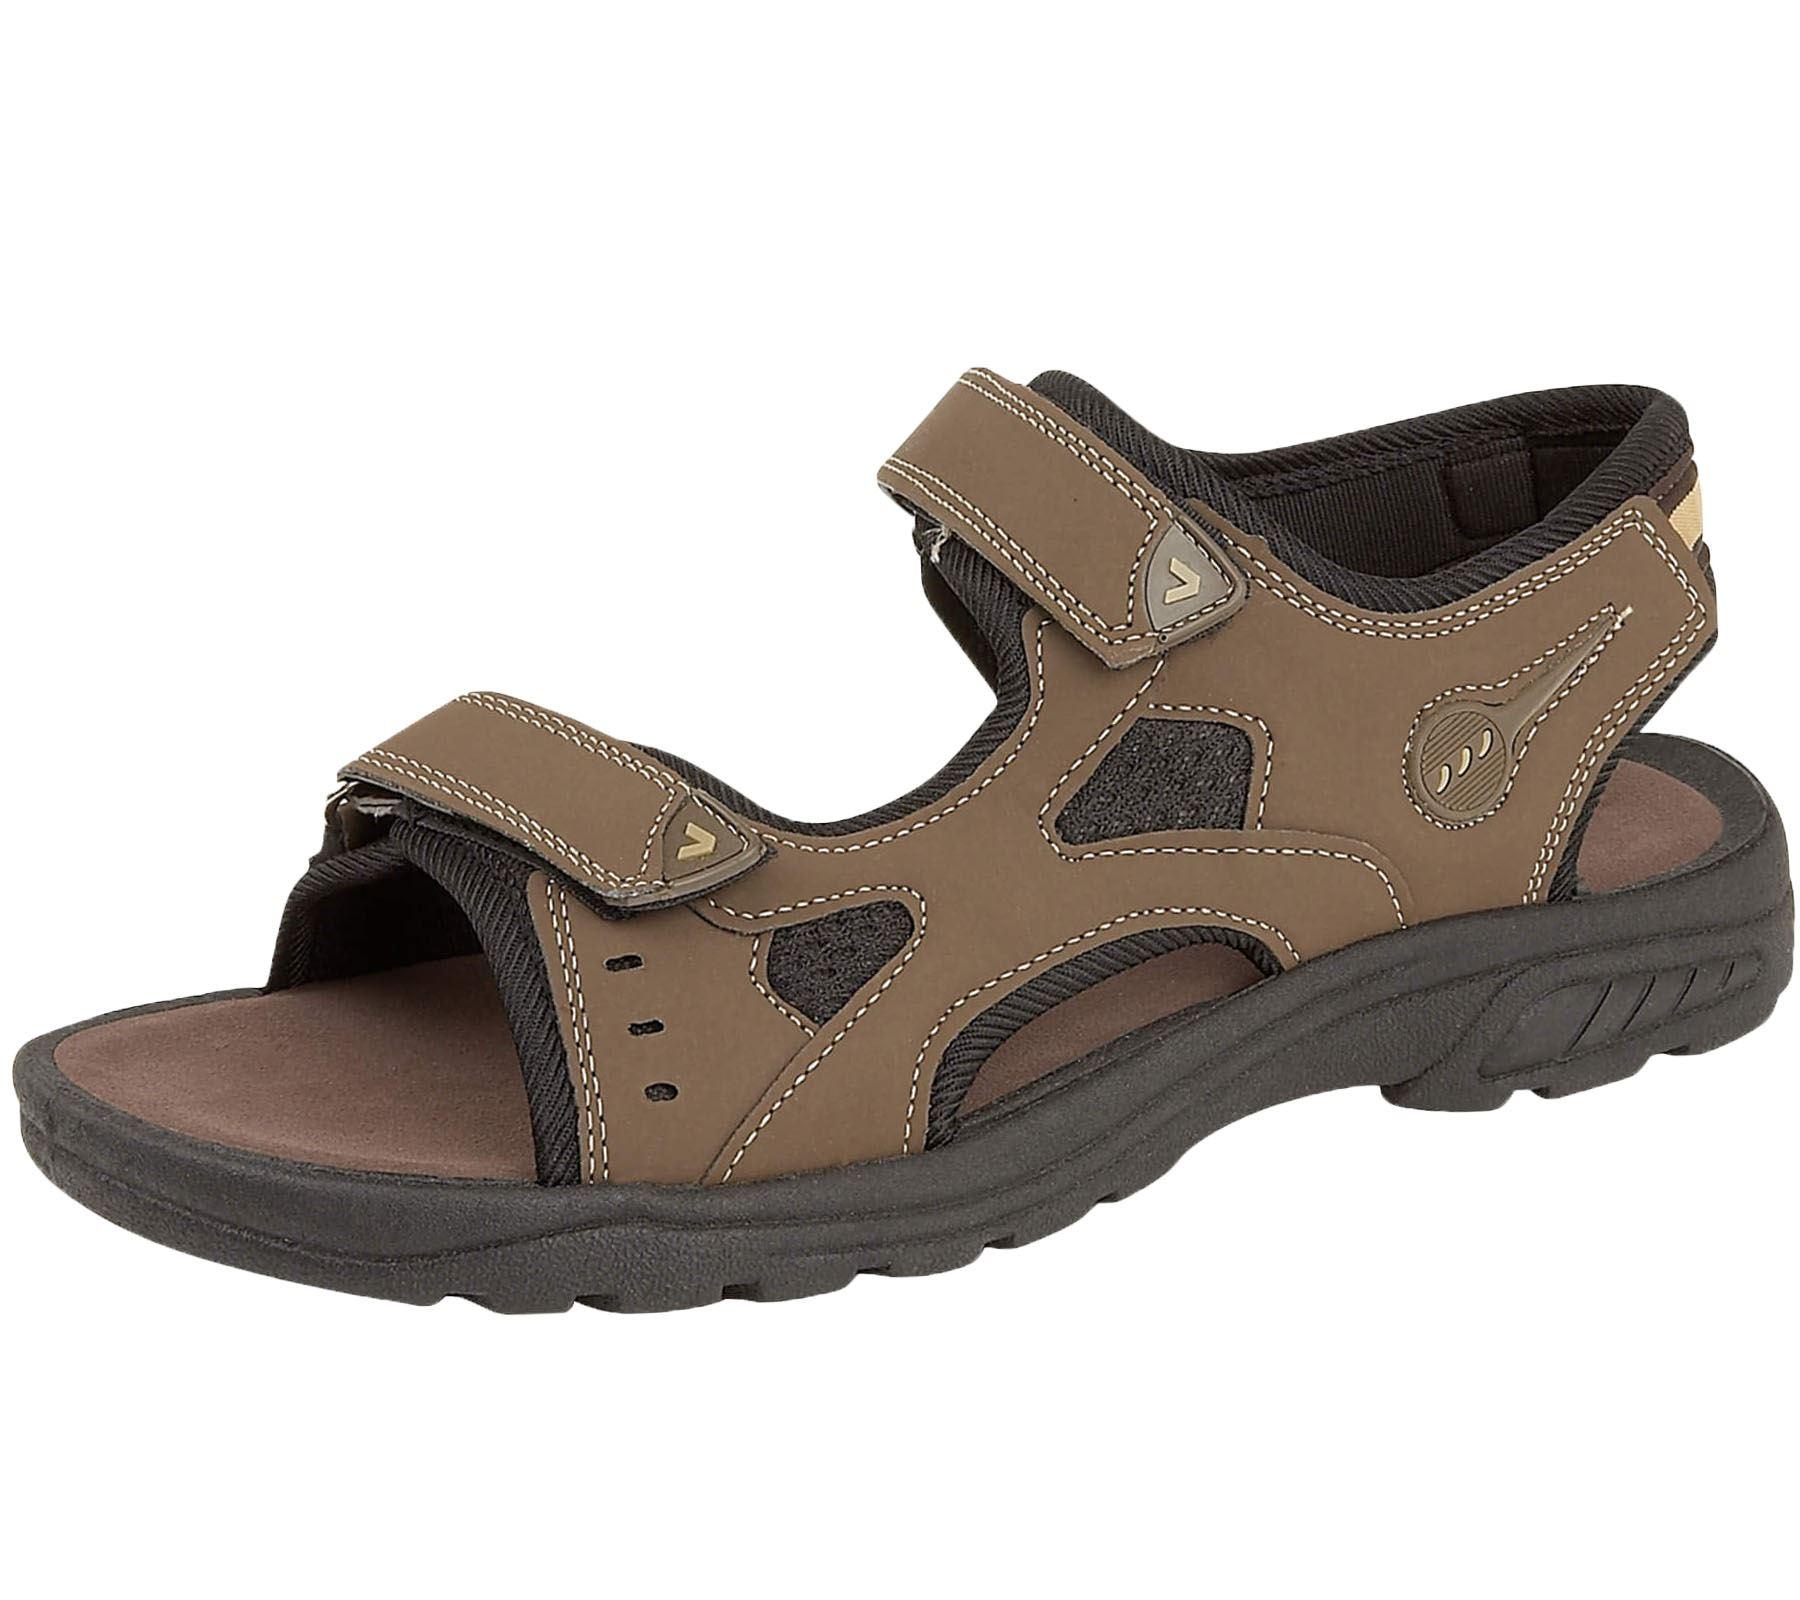 Mens-Sandals-Summer-Beach-Casual-Syenthatic-Sandals miniatura 13